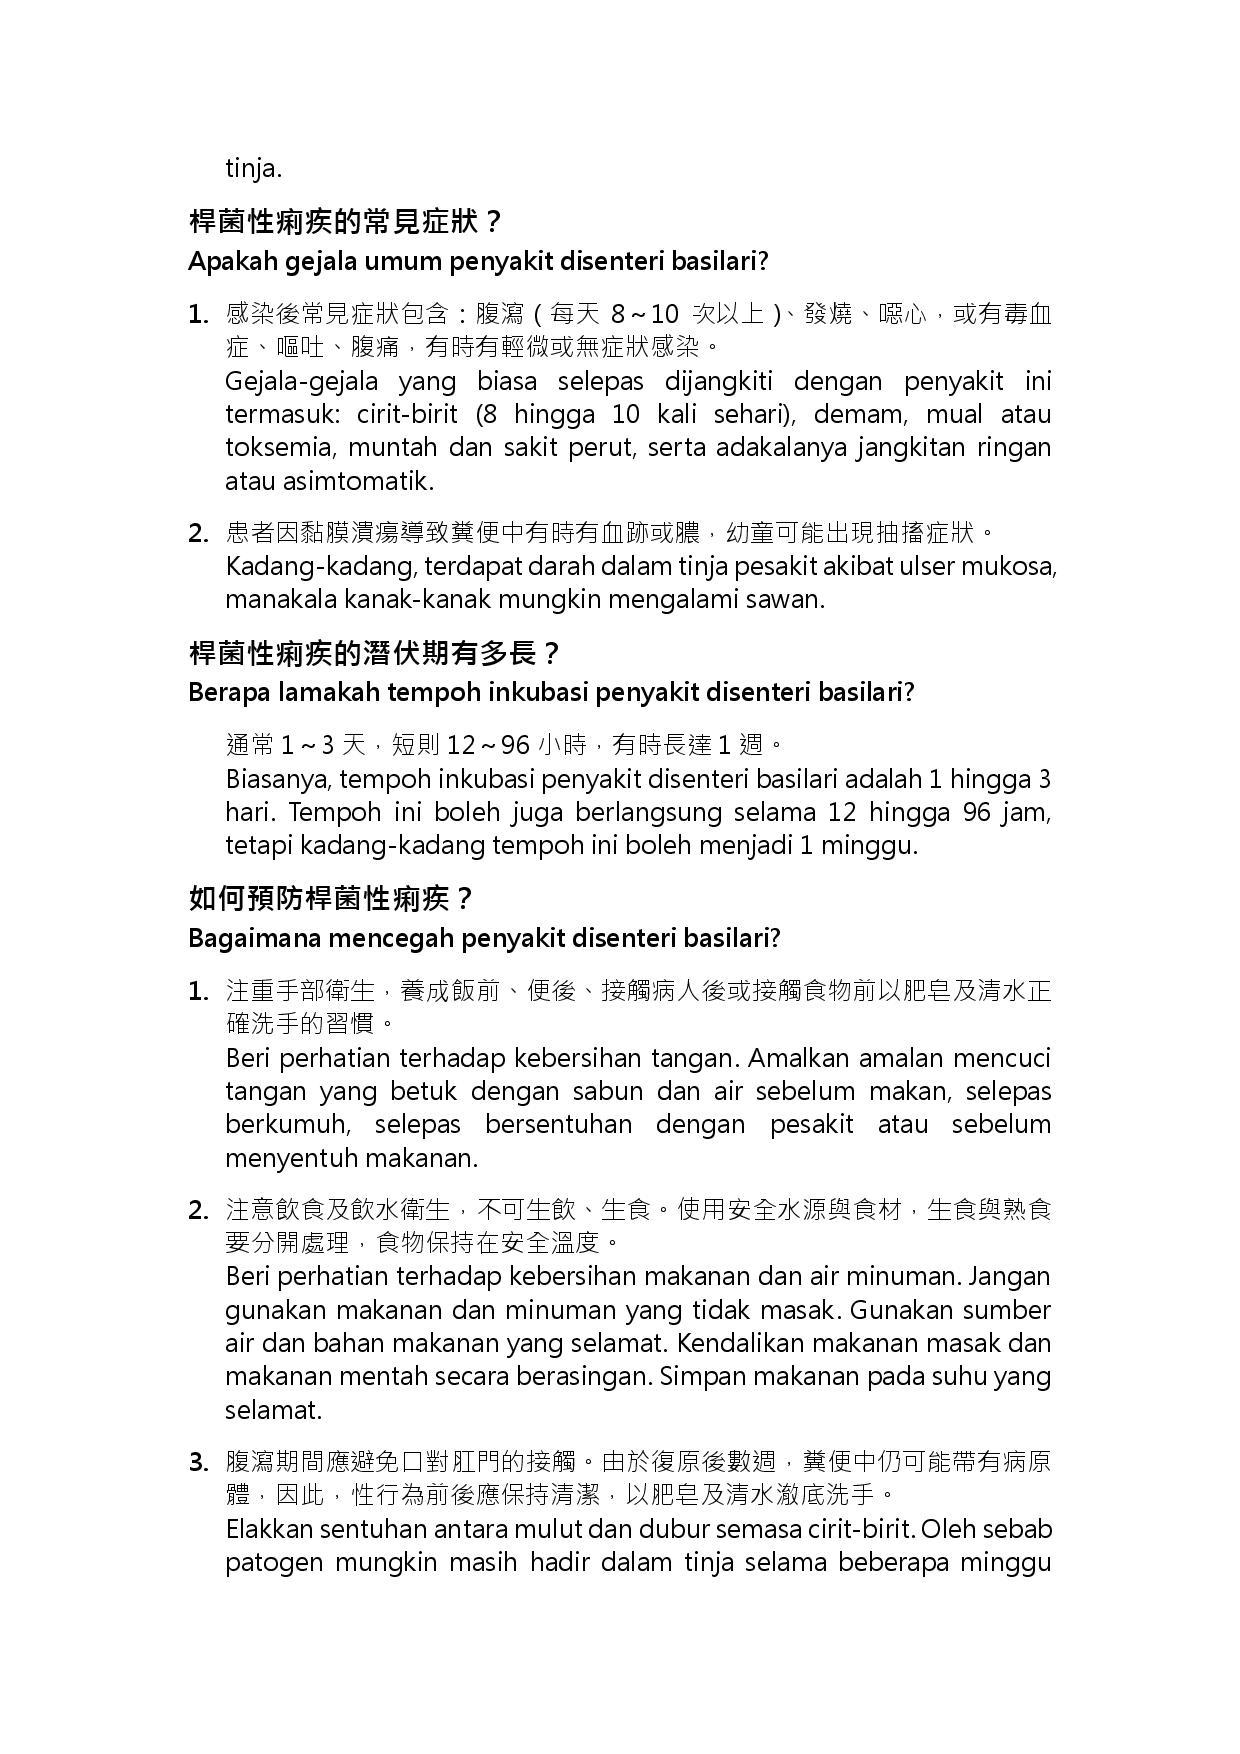 詳如附件【klik saya】Untuk mencegah penyakit disenteri basilari(Halaman 2)預防桿菌性痢疾,勿生飲生食,落實勤洗手的良好衛生習慣(馬來文)